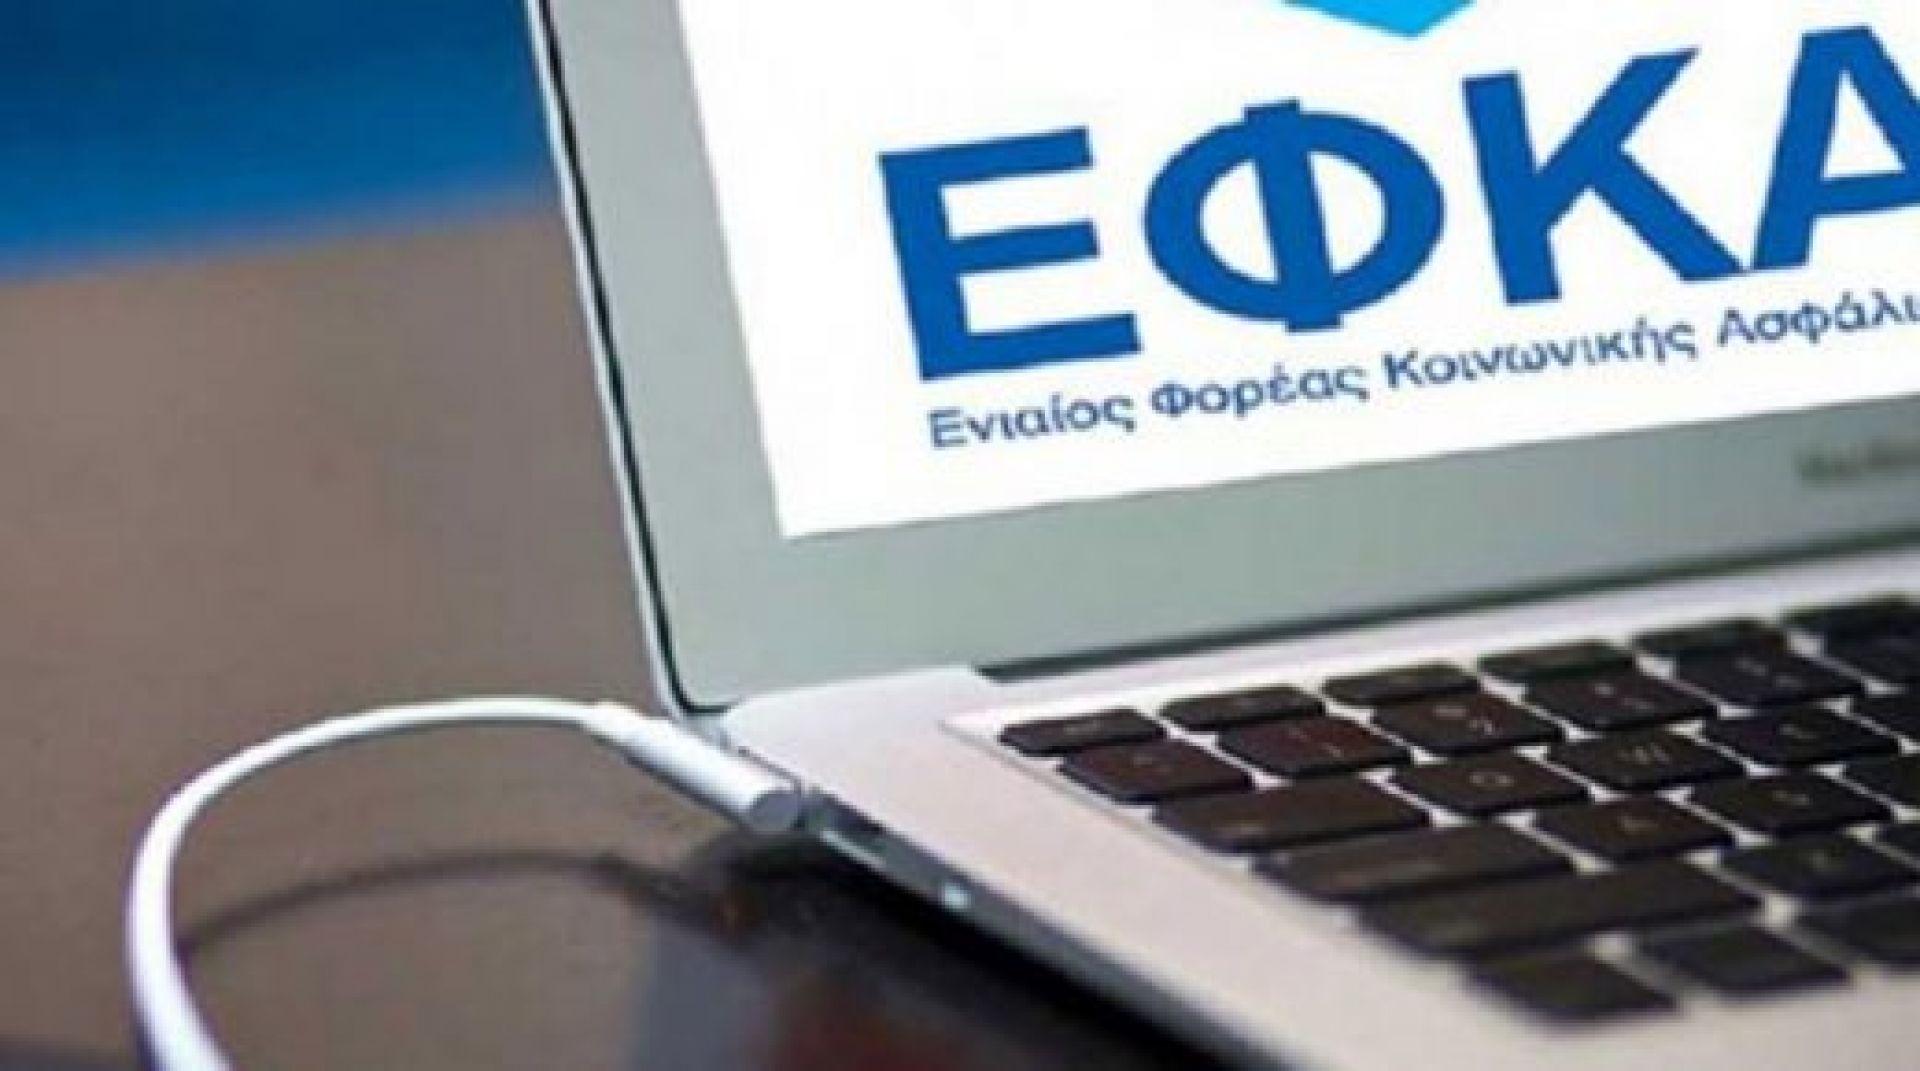 Ερώτηση  Βαρεμένου για τη δυσλειτουργία των υπηρεσιών του ΕΦΚΑ στη Δυτική Ελλάδα